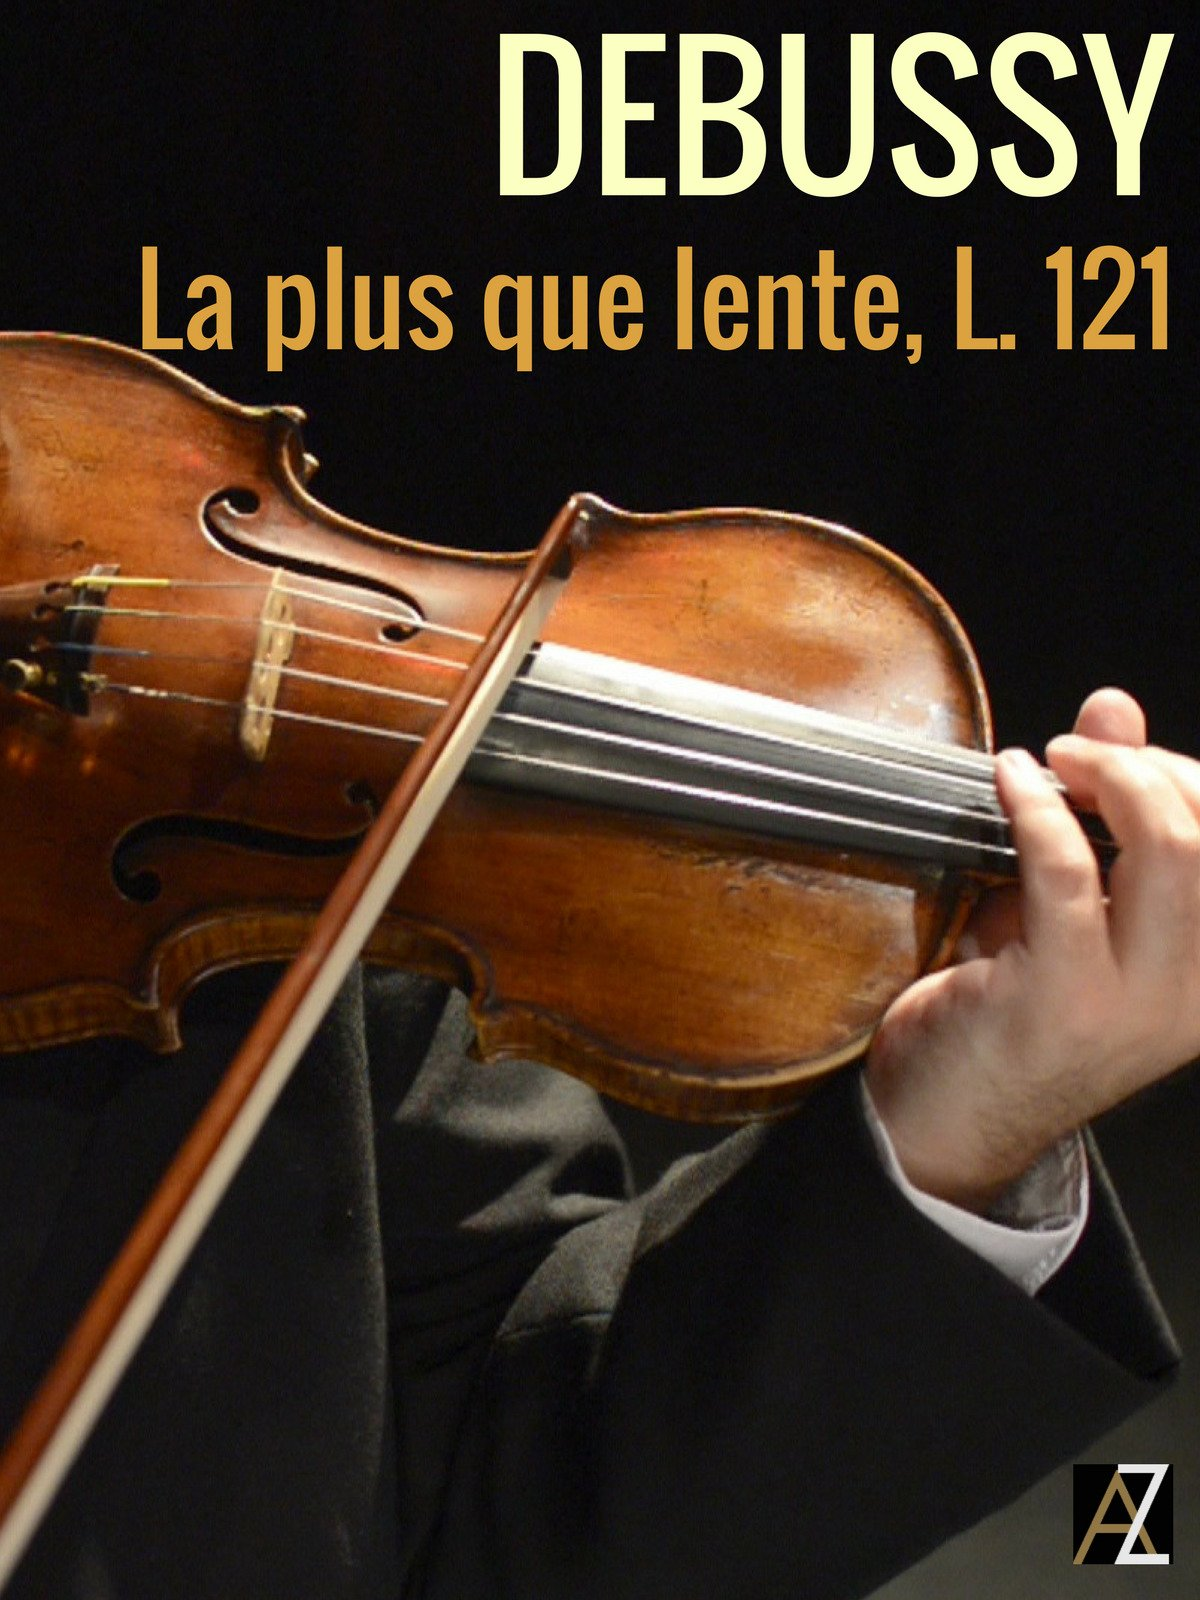 Debussy: La plus que lente, L. 121